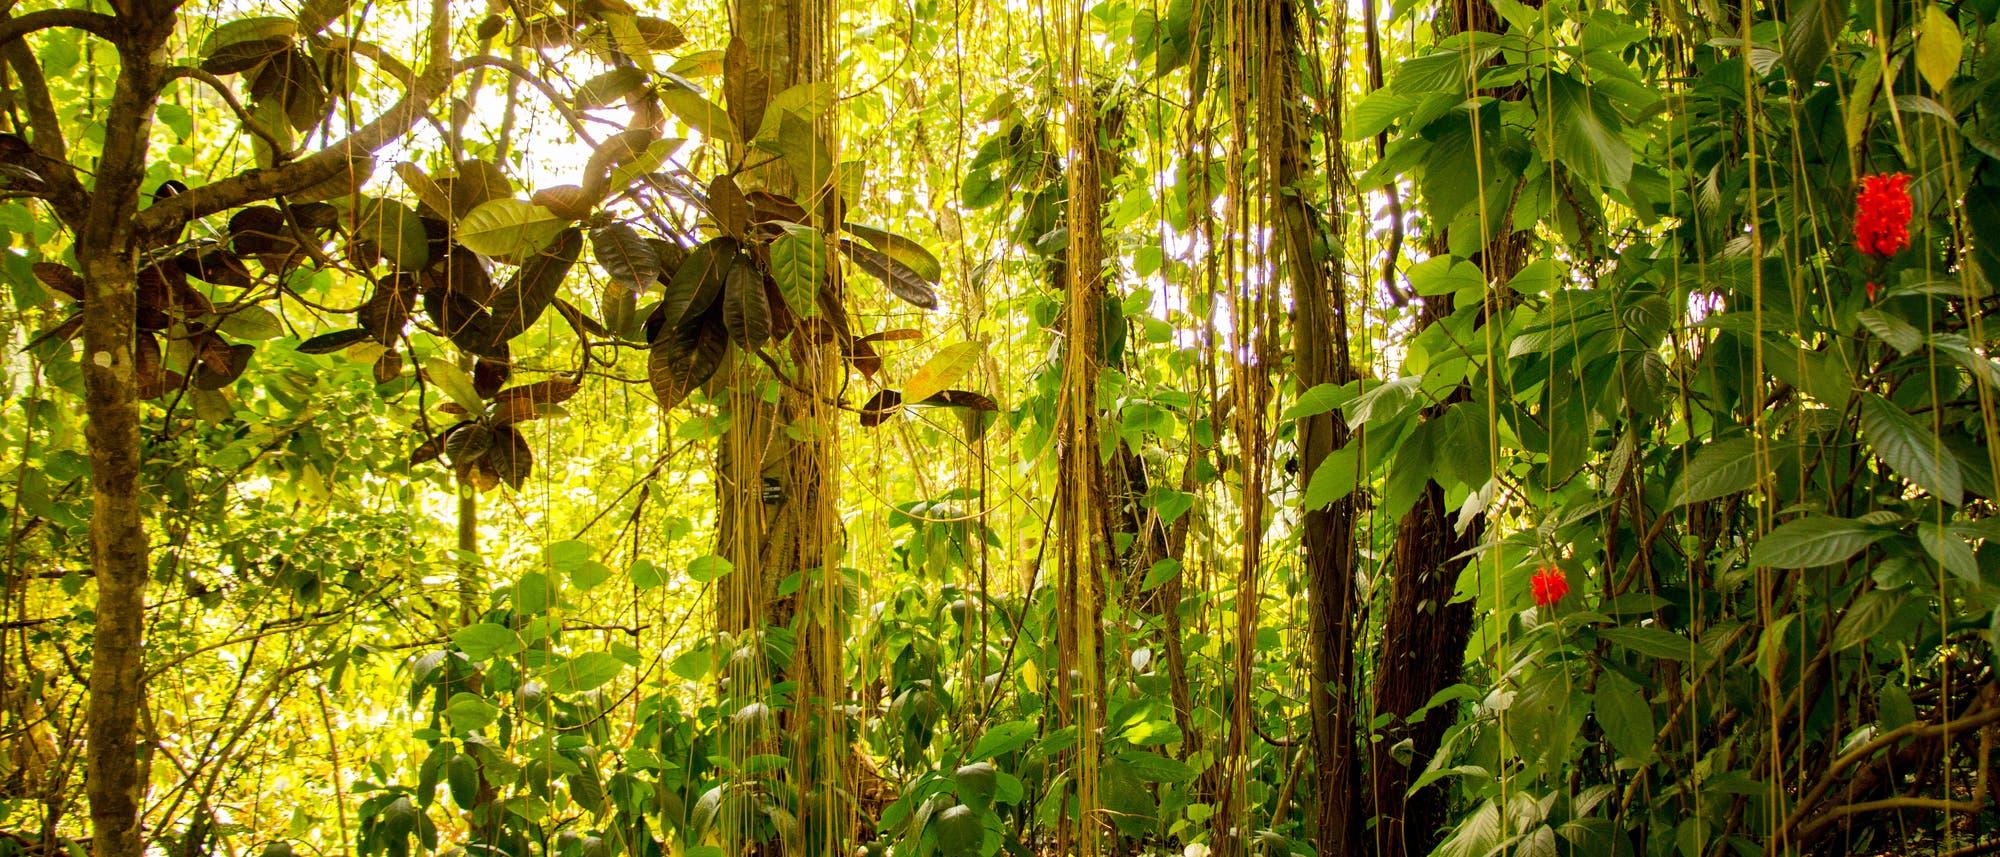 Lianen im Regenwald